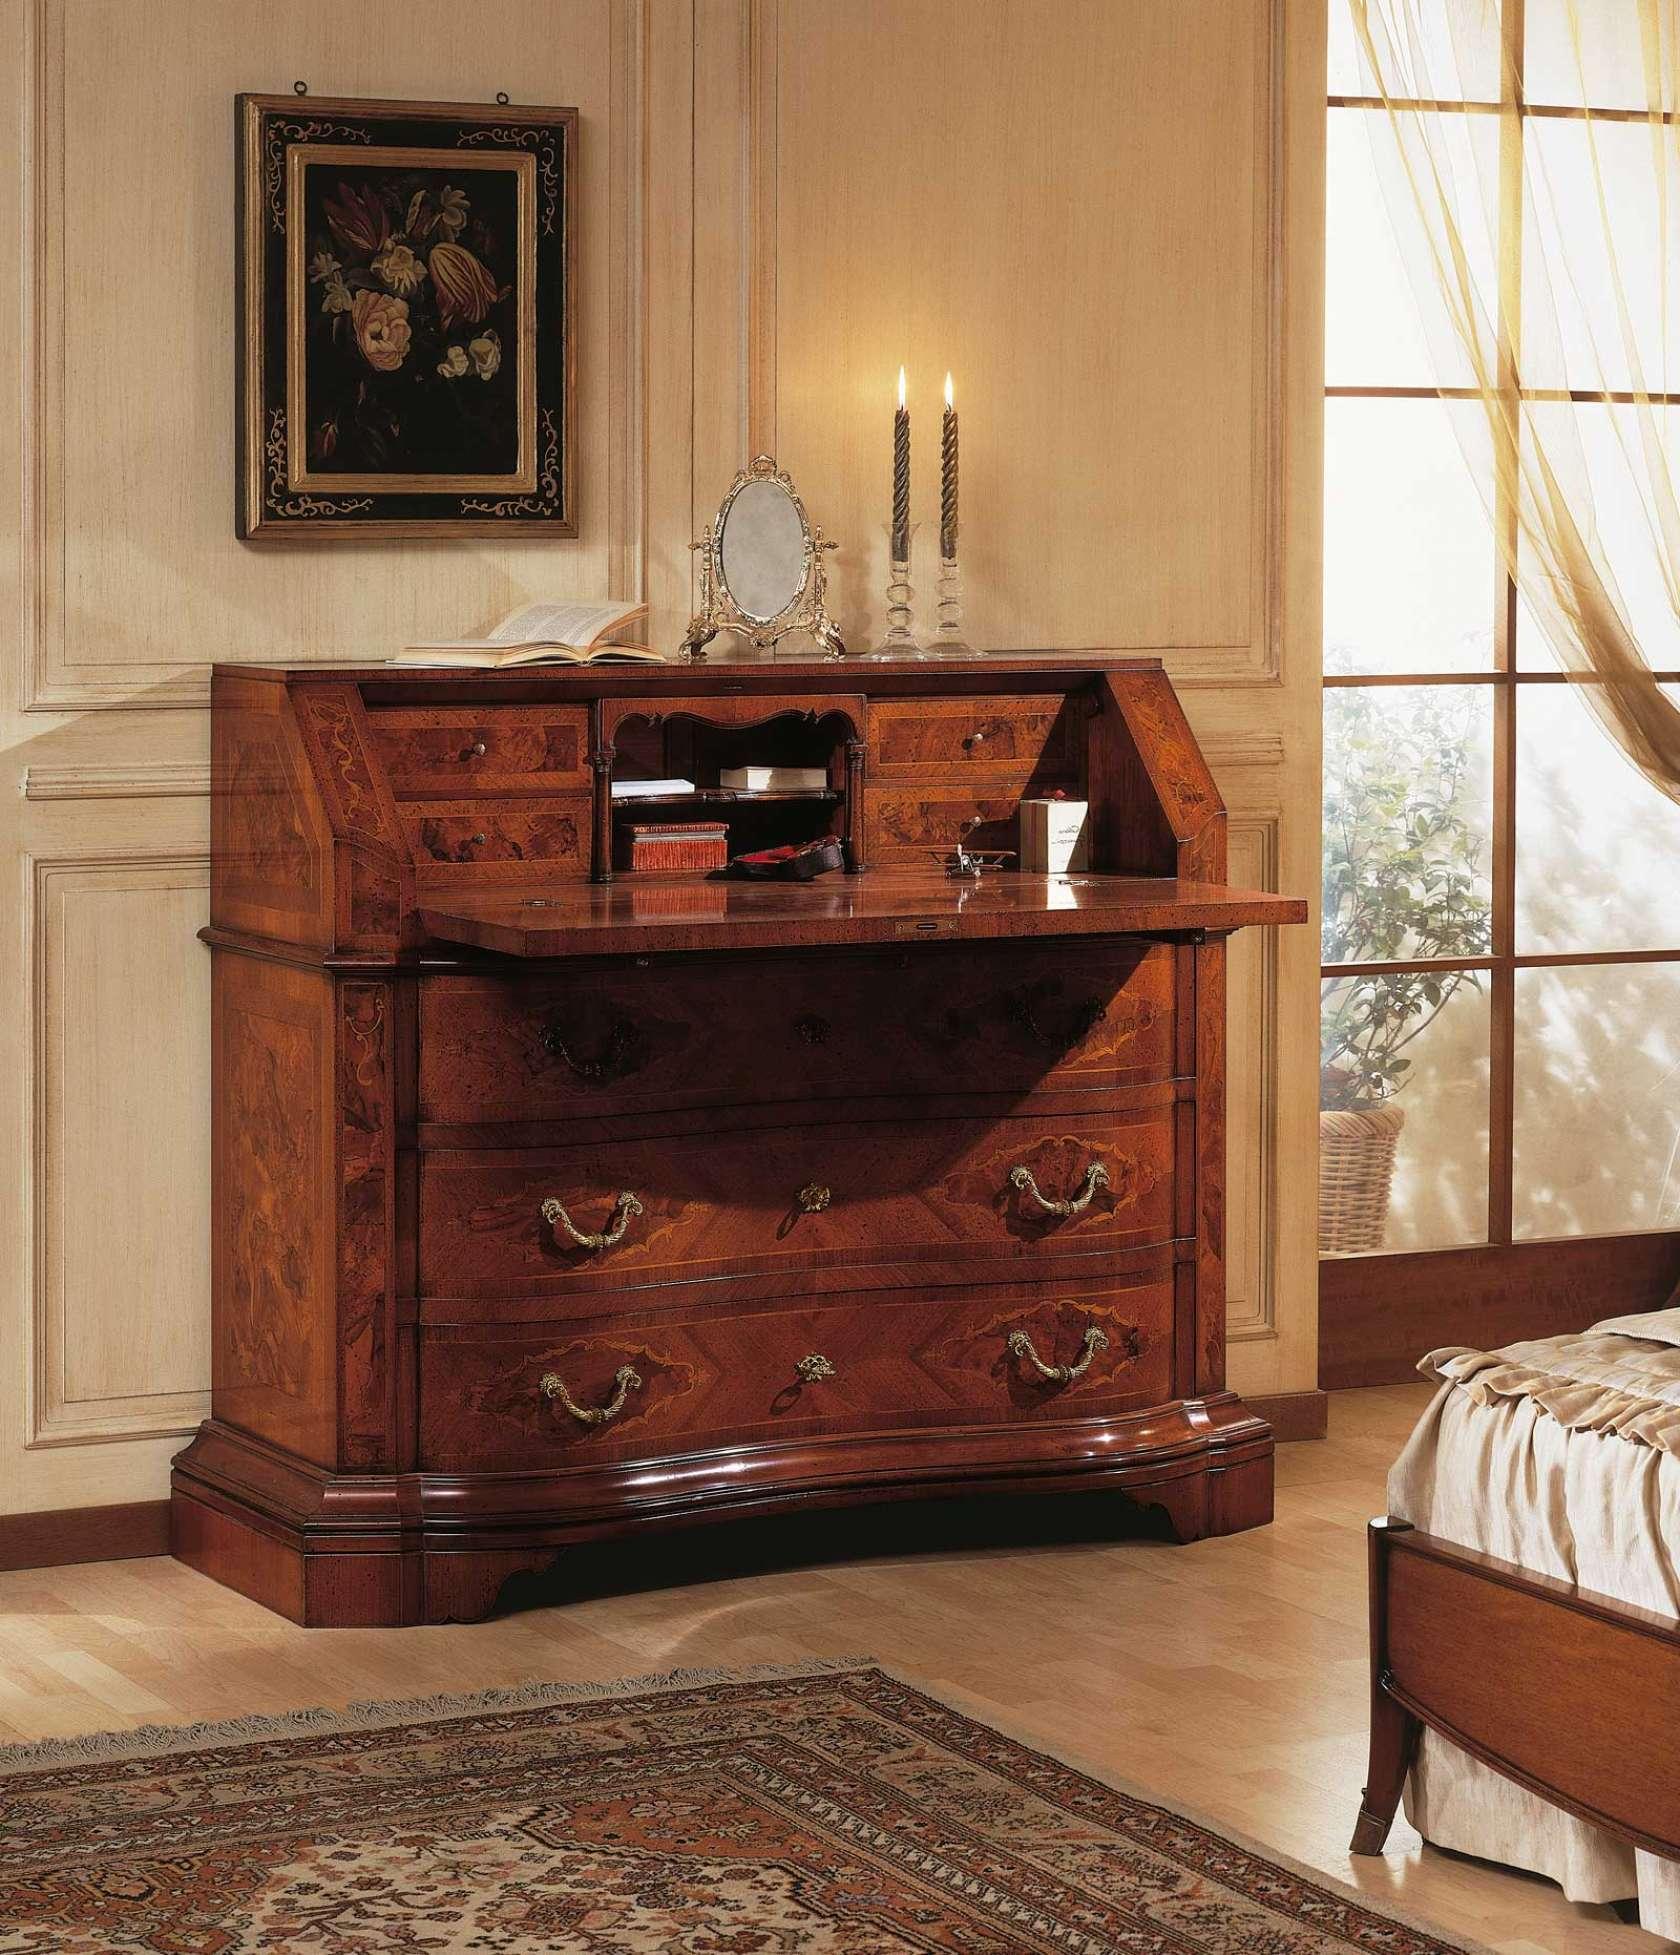 Collezione mobili classici 700 lombardo trumeau in legno di noce vimercati meda for Mobili classici per ingresso